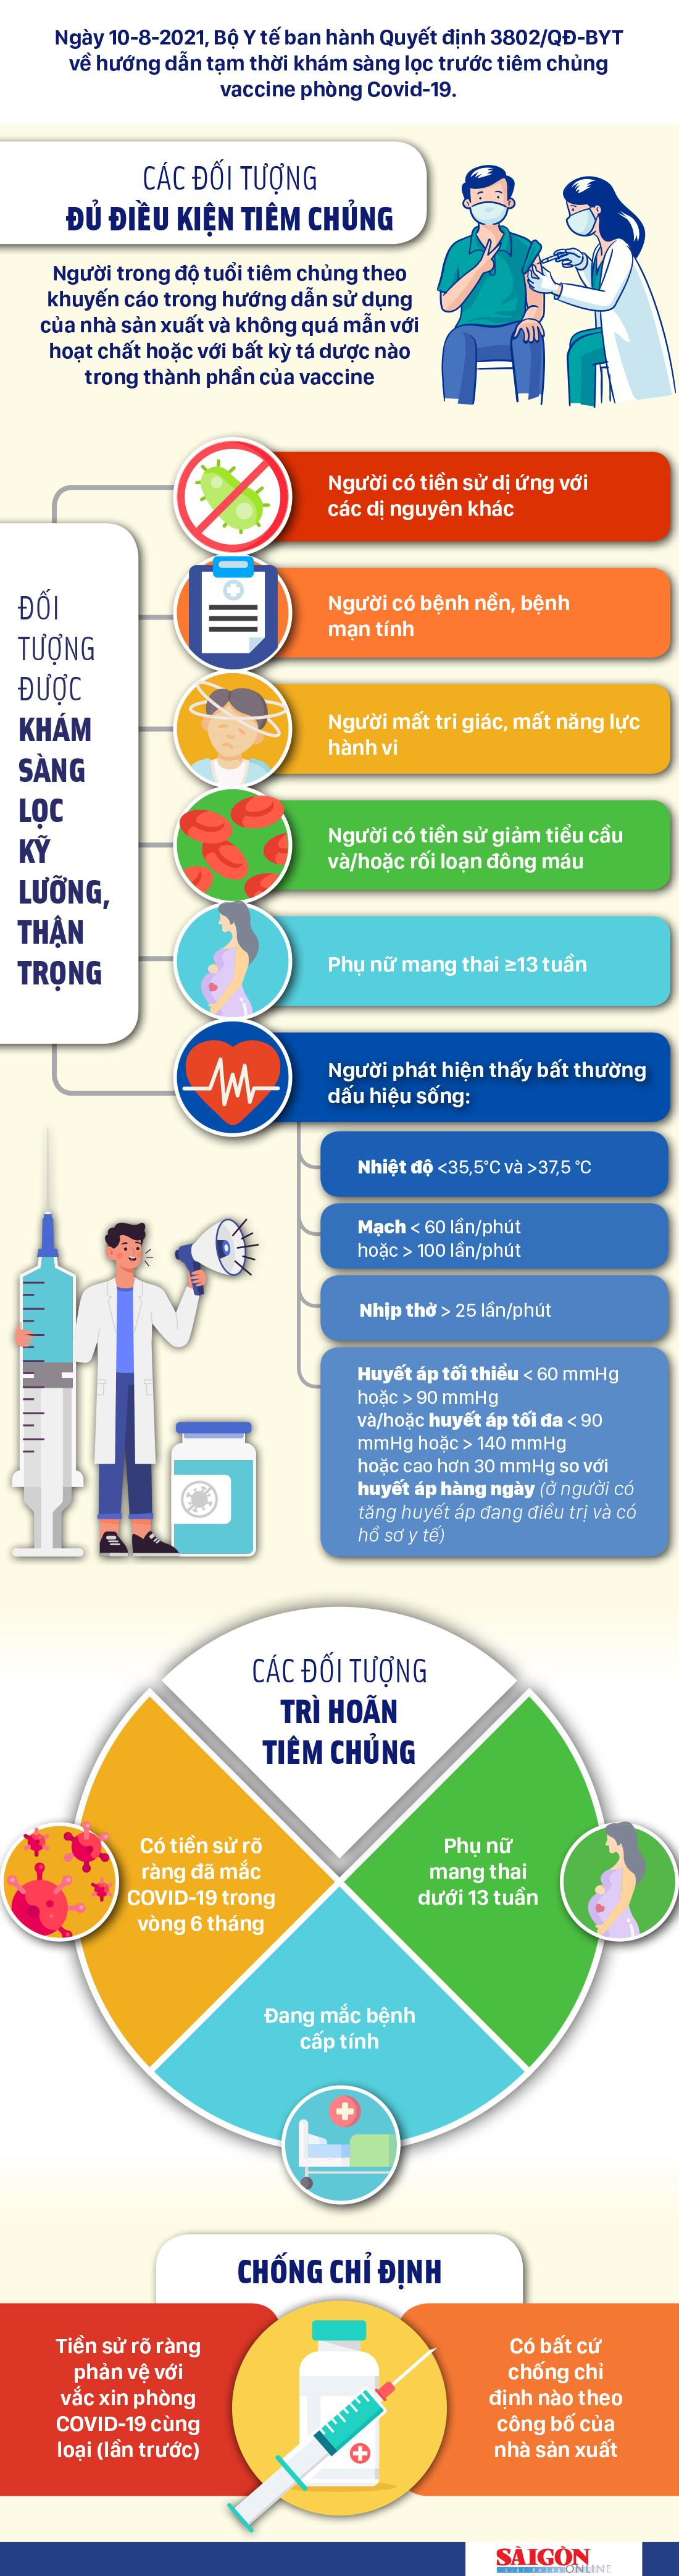 Những đối tượng cần thận trọng khi tiêm vaccine Covid-19 ảnh 1